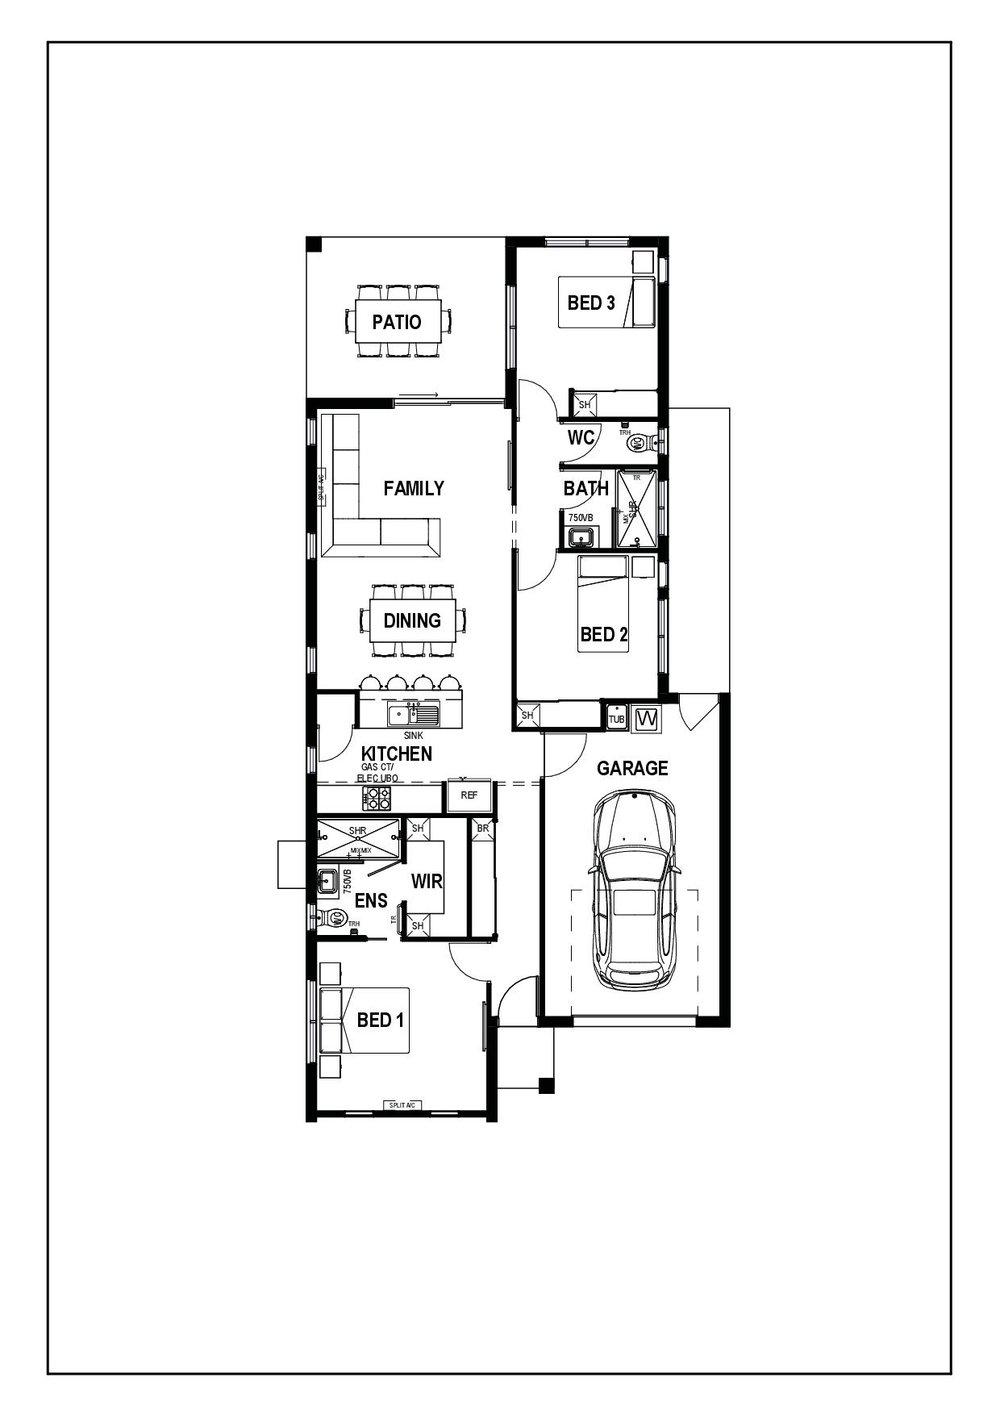 Carramar A -17 - Floor PLan.jpg